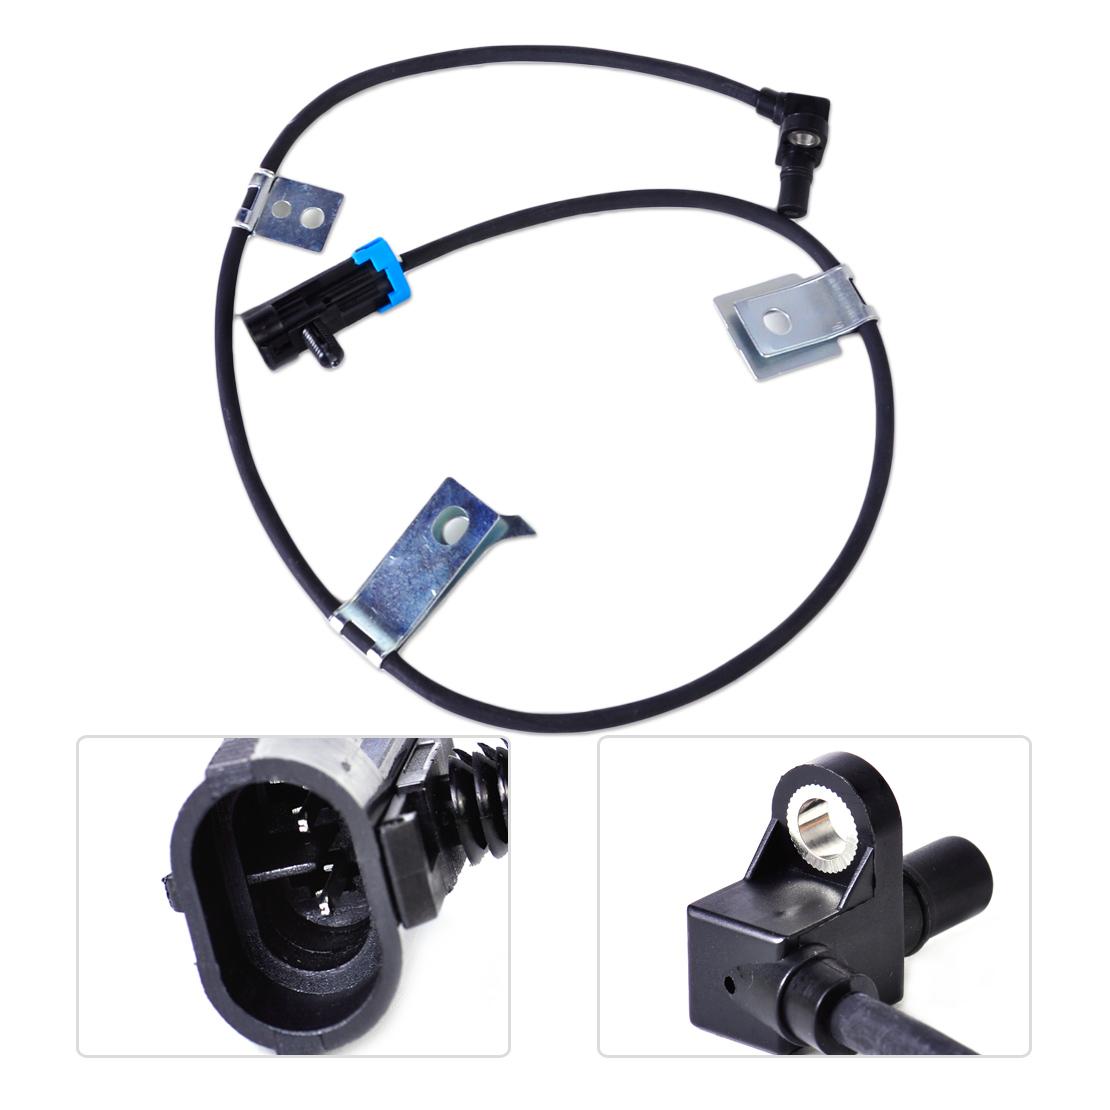 Promoción de Chevy Abs Sensor - Compra Chevy Abs Sensor